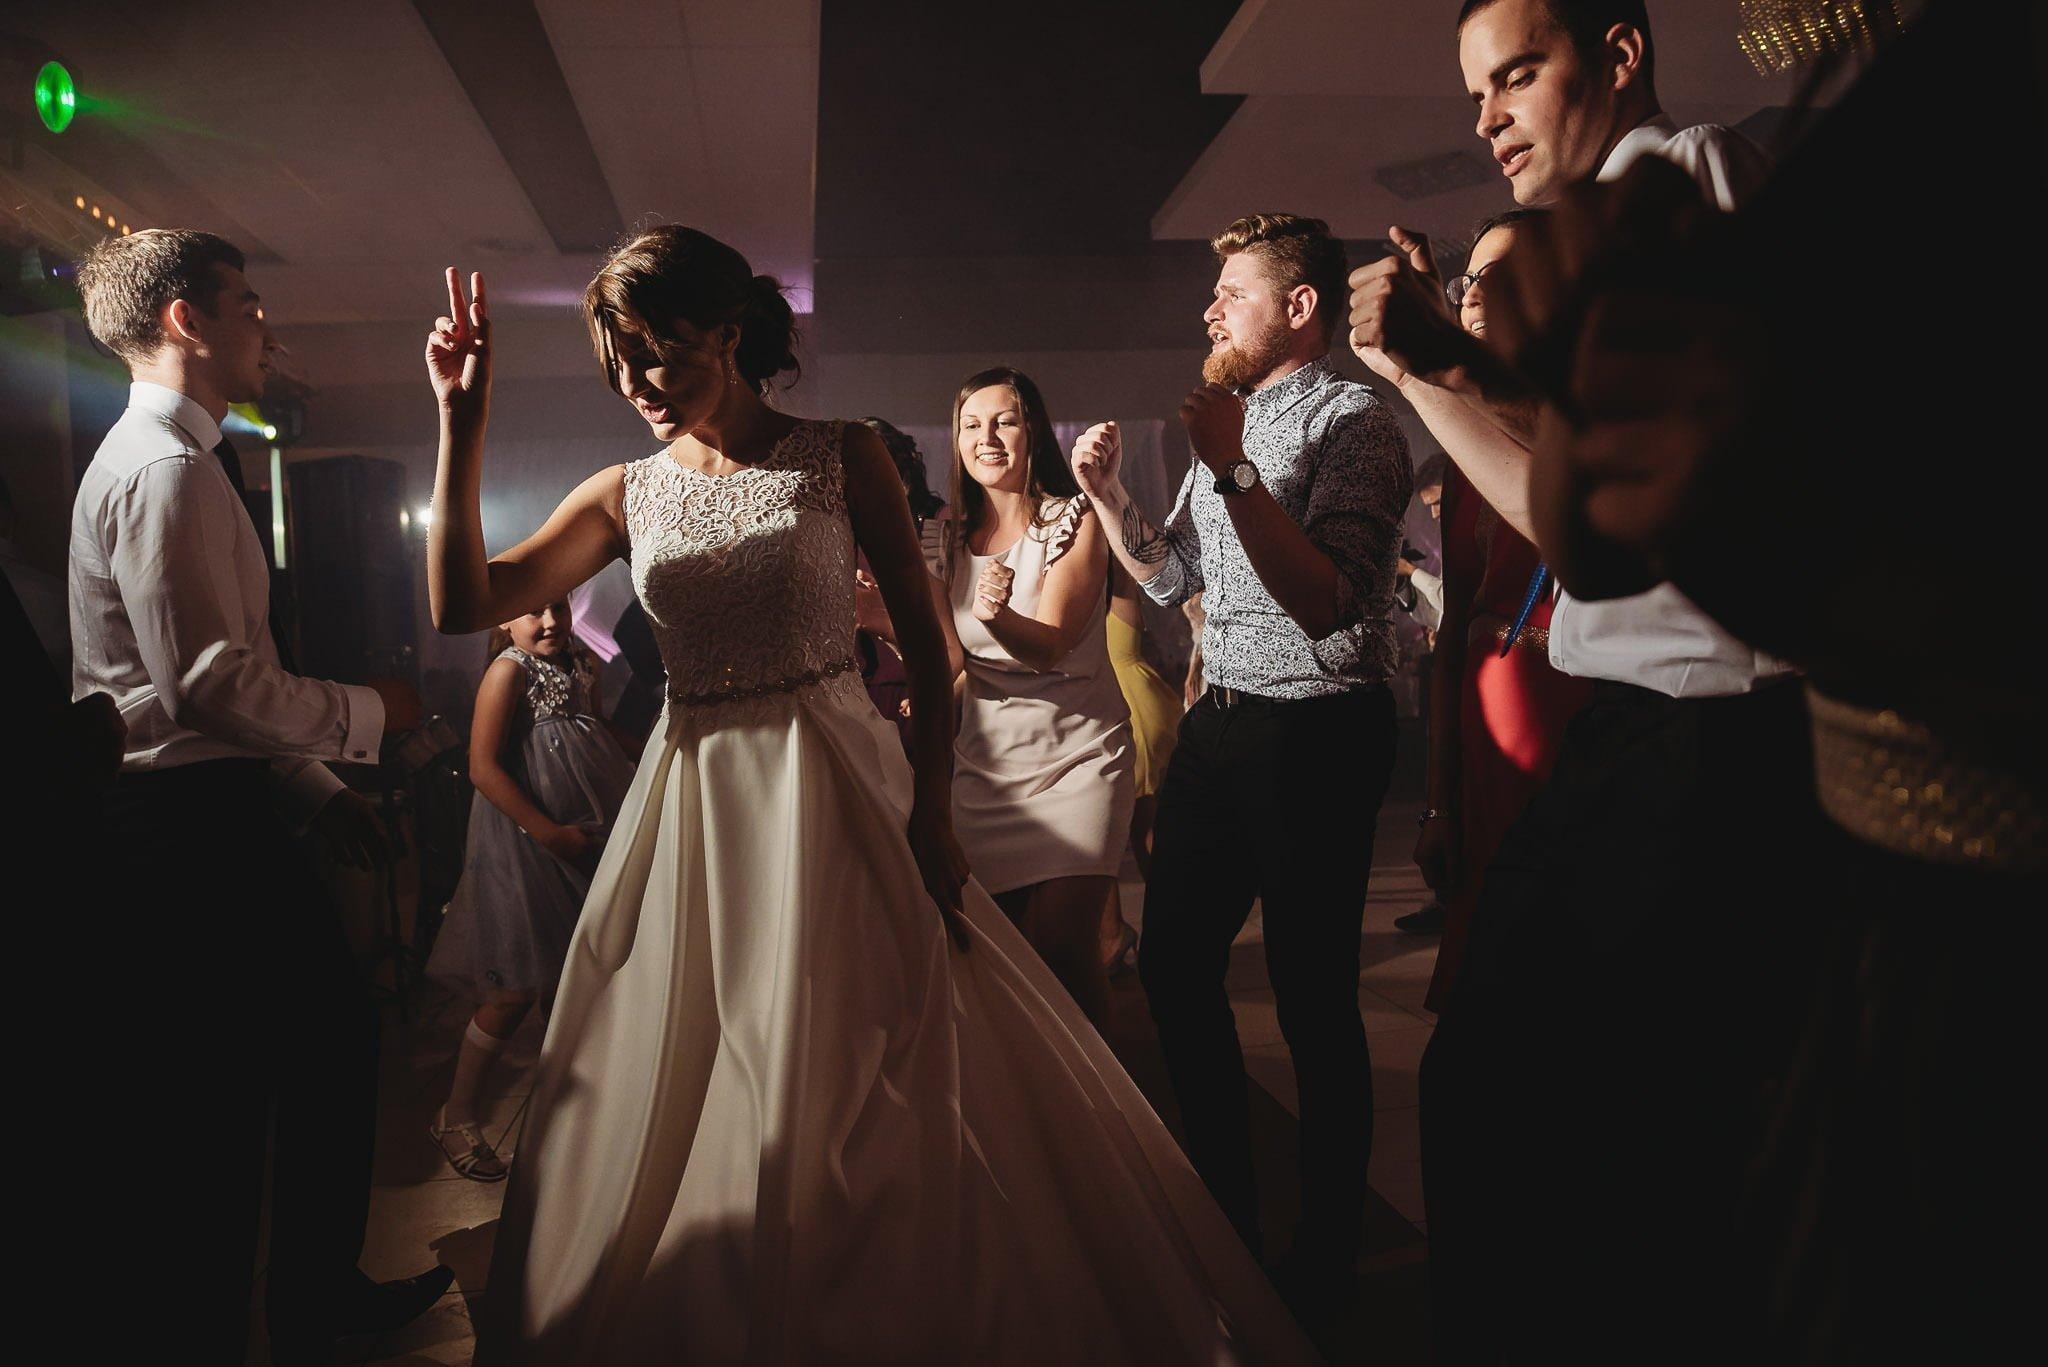 Monika i Michał, wesele w Paryżu i sesja plenerowa w stadninie koni w Czołowie 222